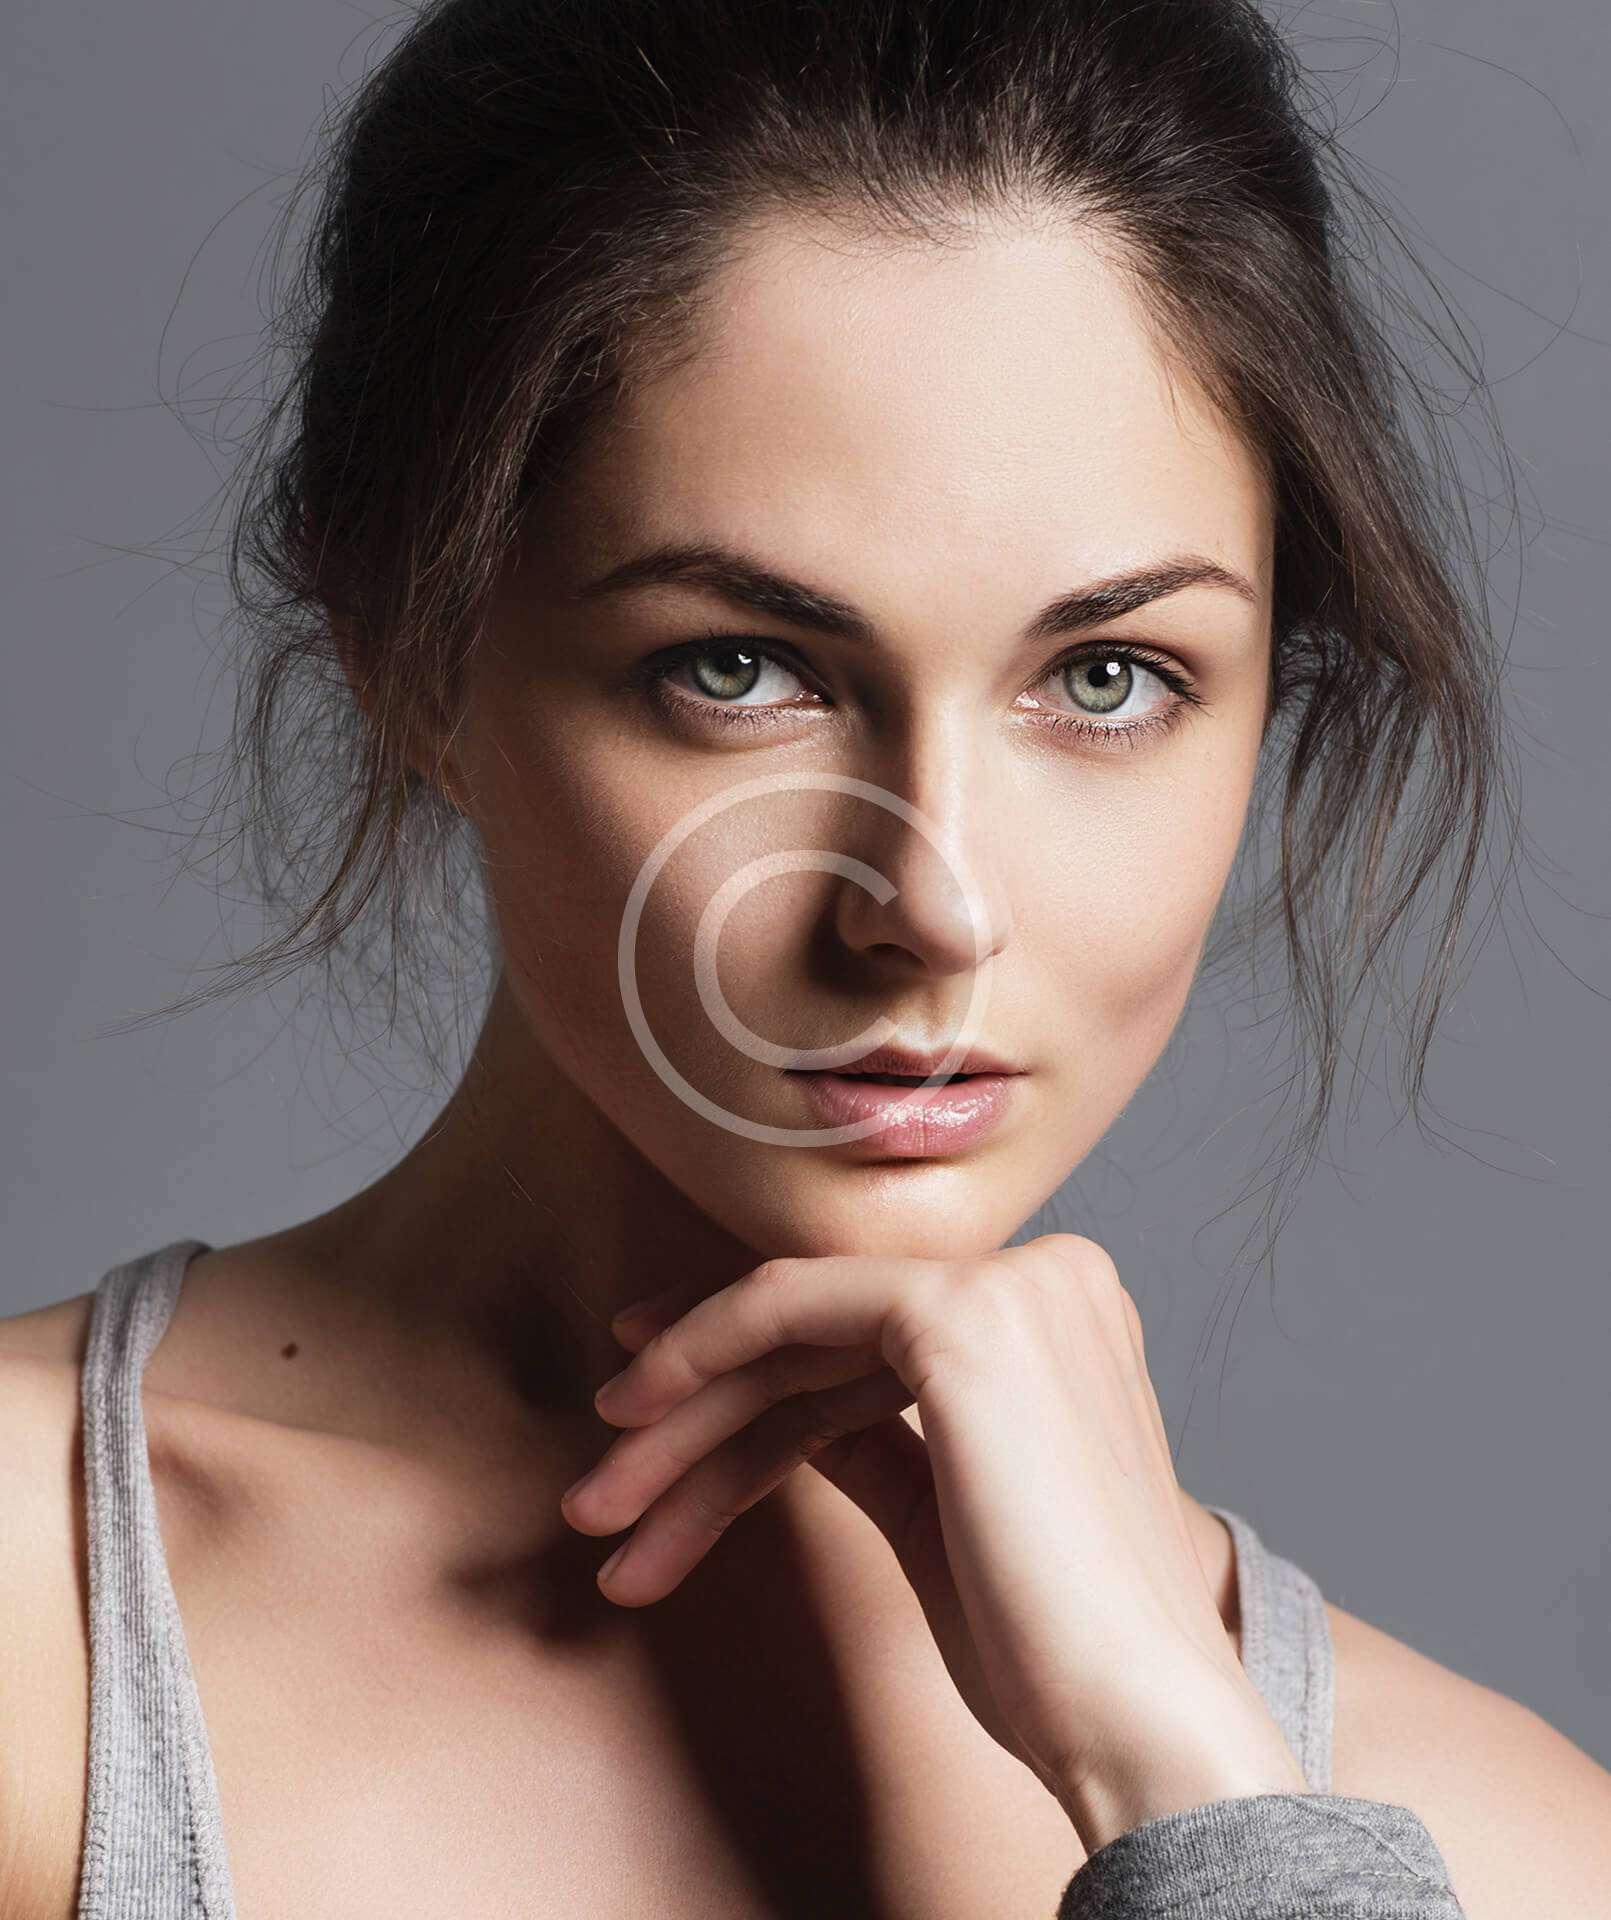 Miranda Stevens